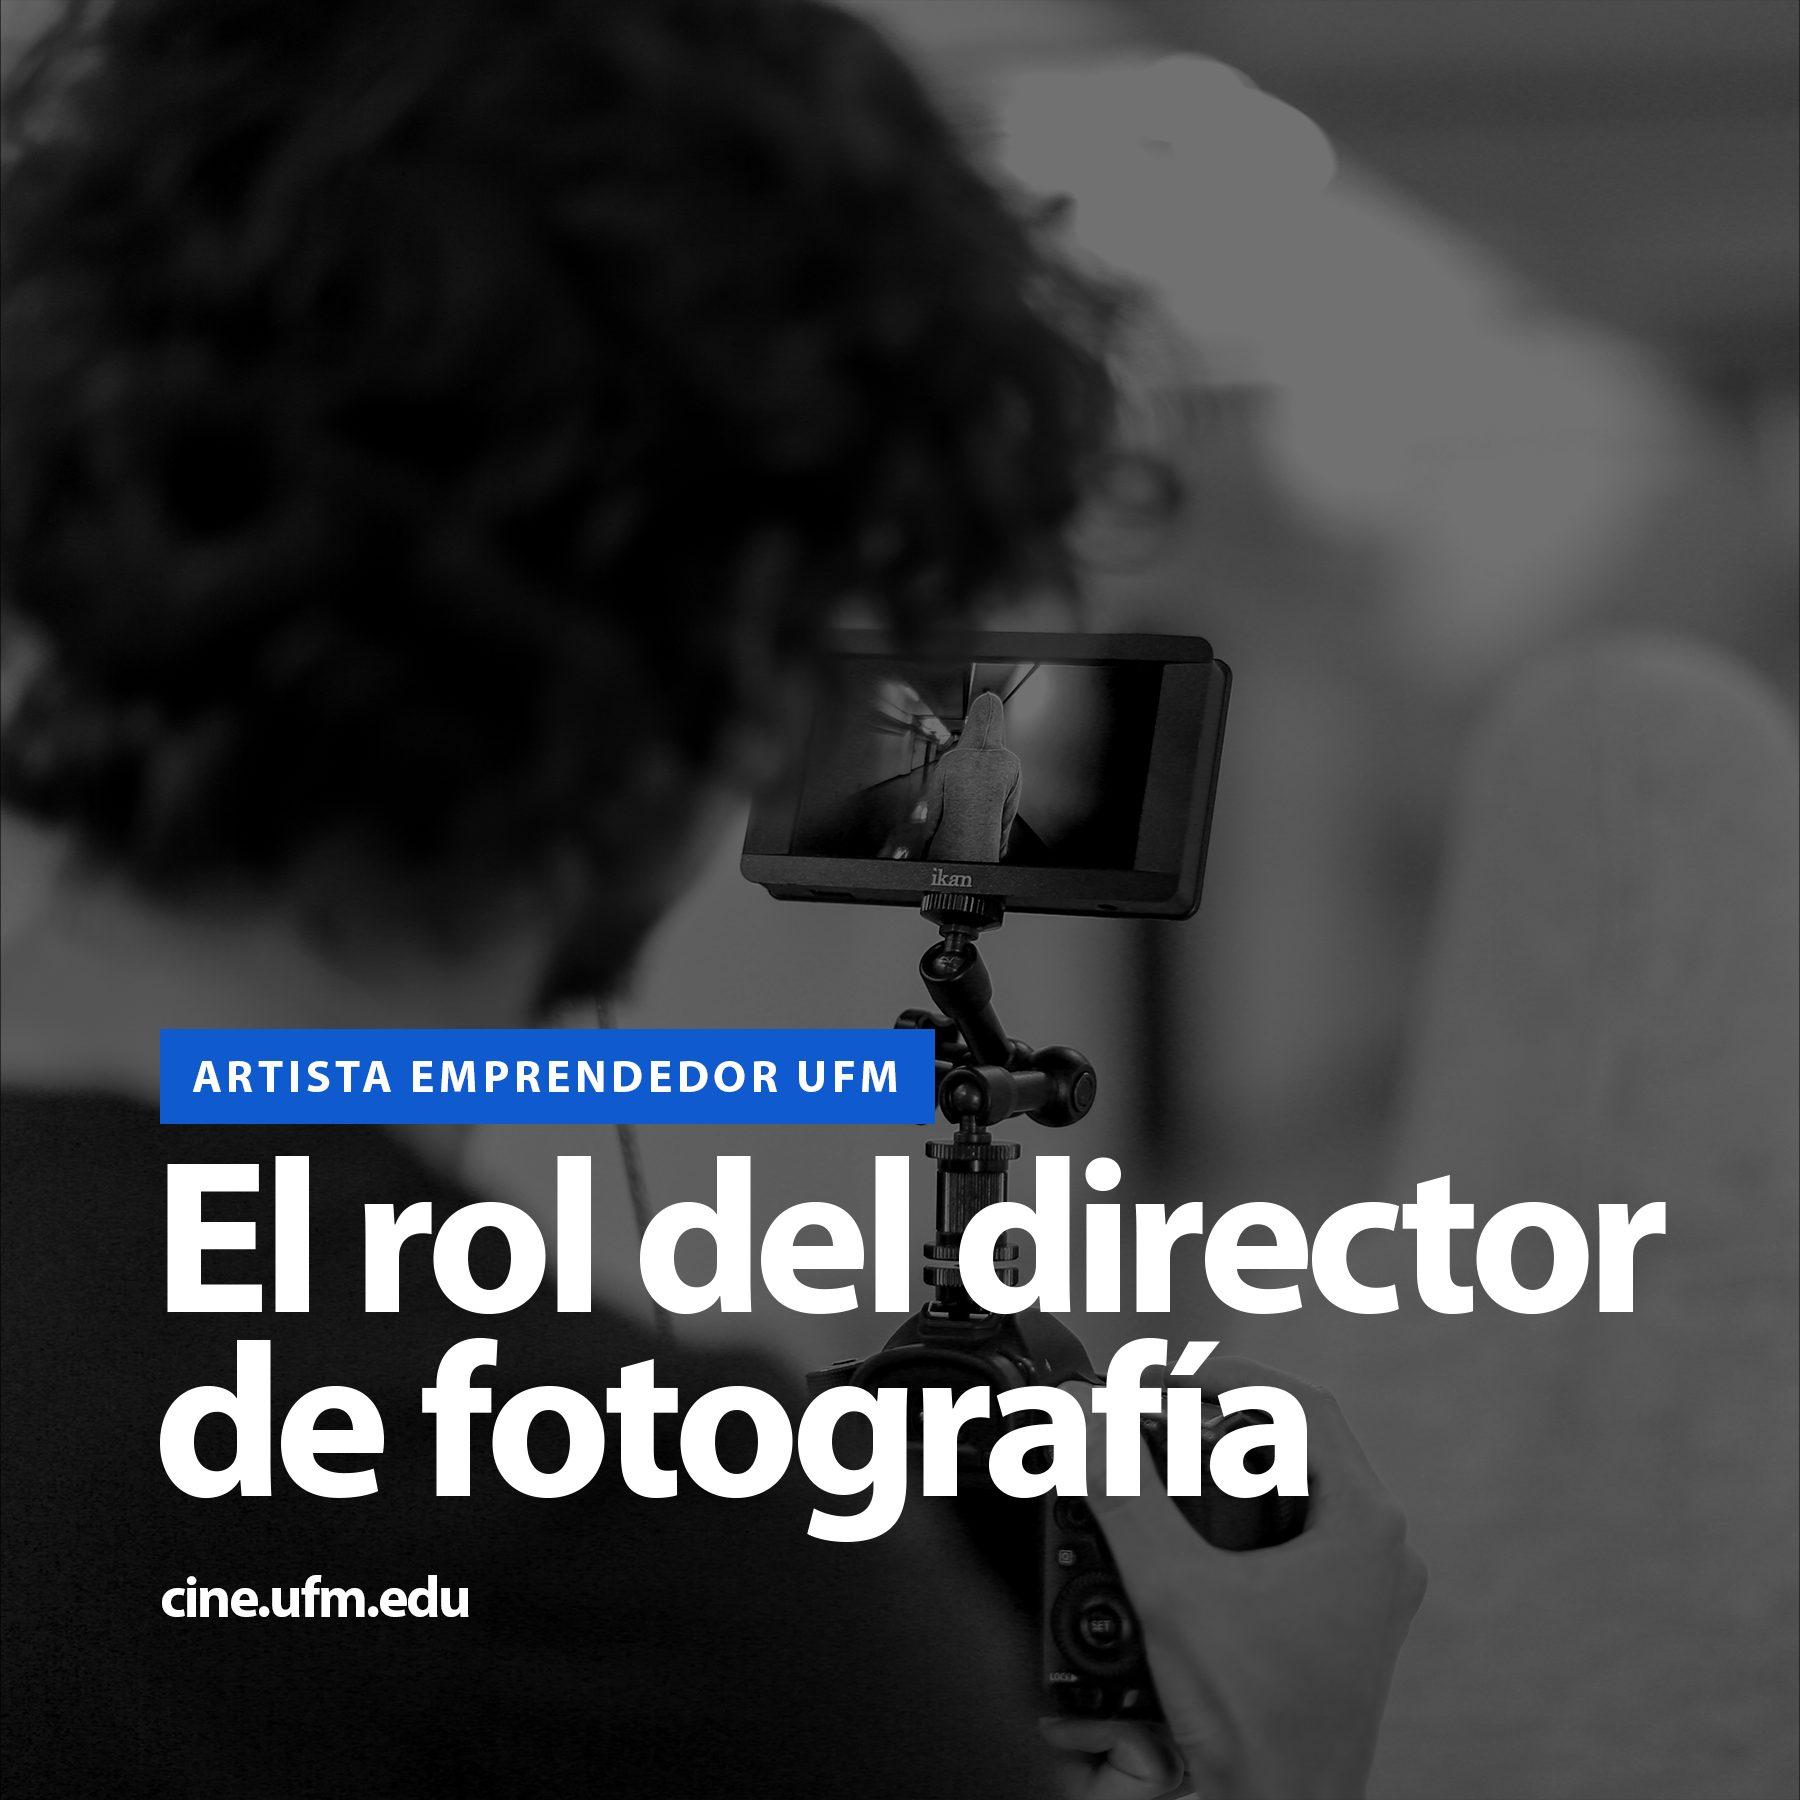 Artista emprendedor UFM: El rol del director de fotografía